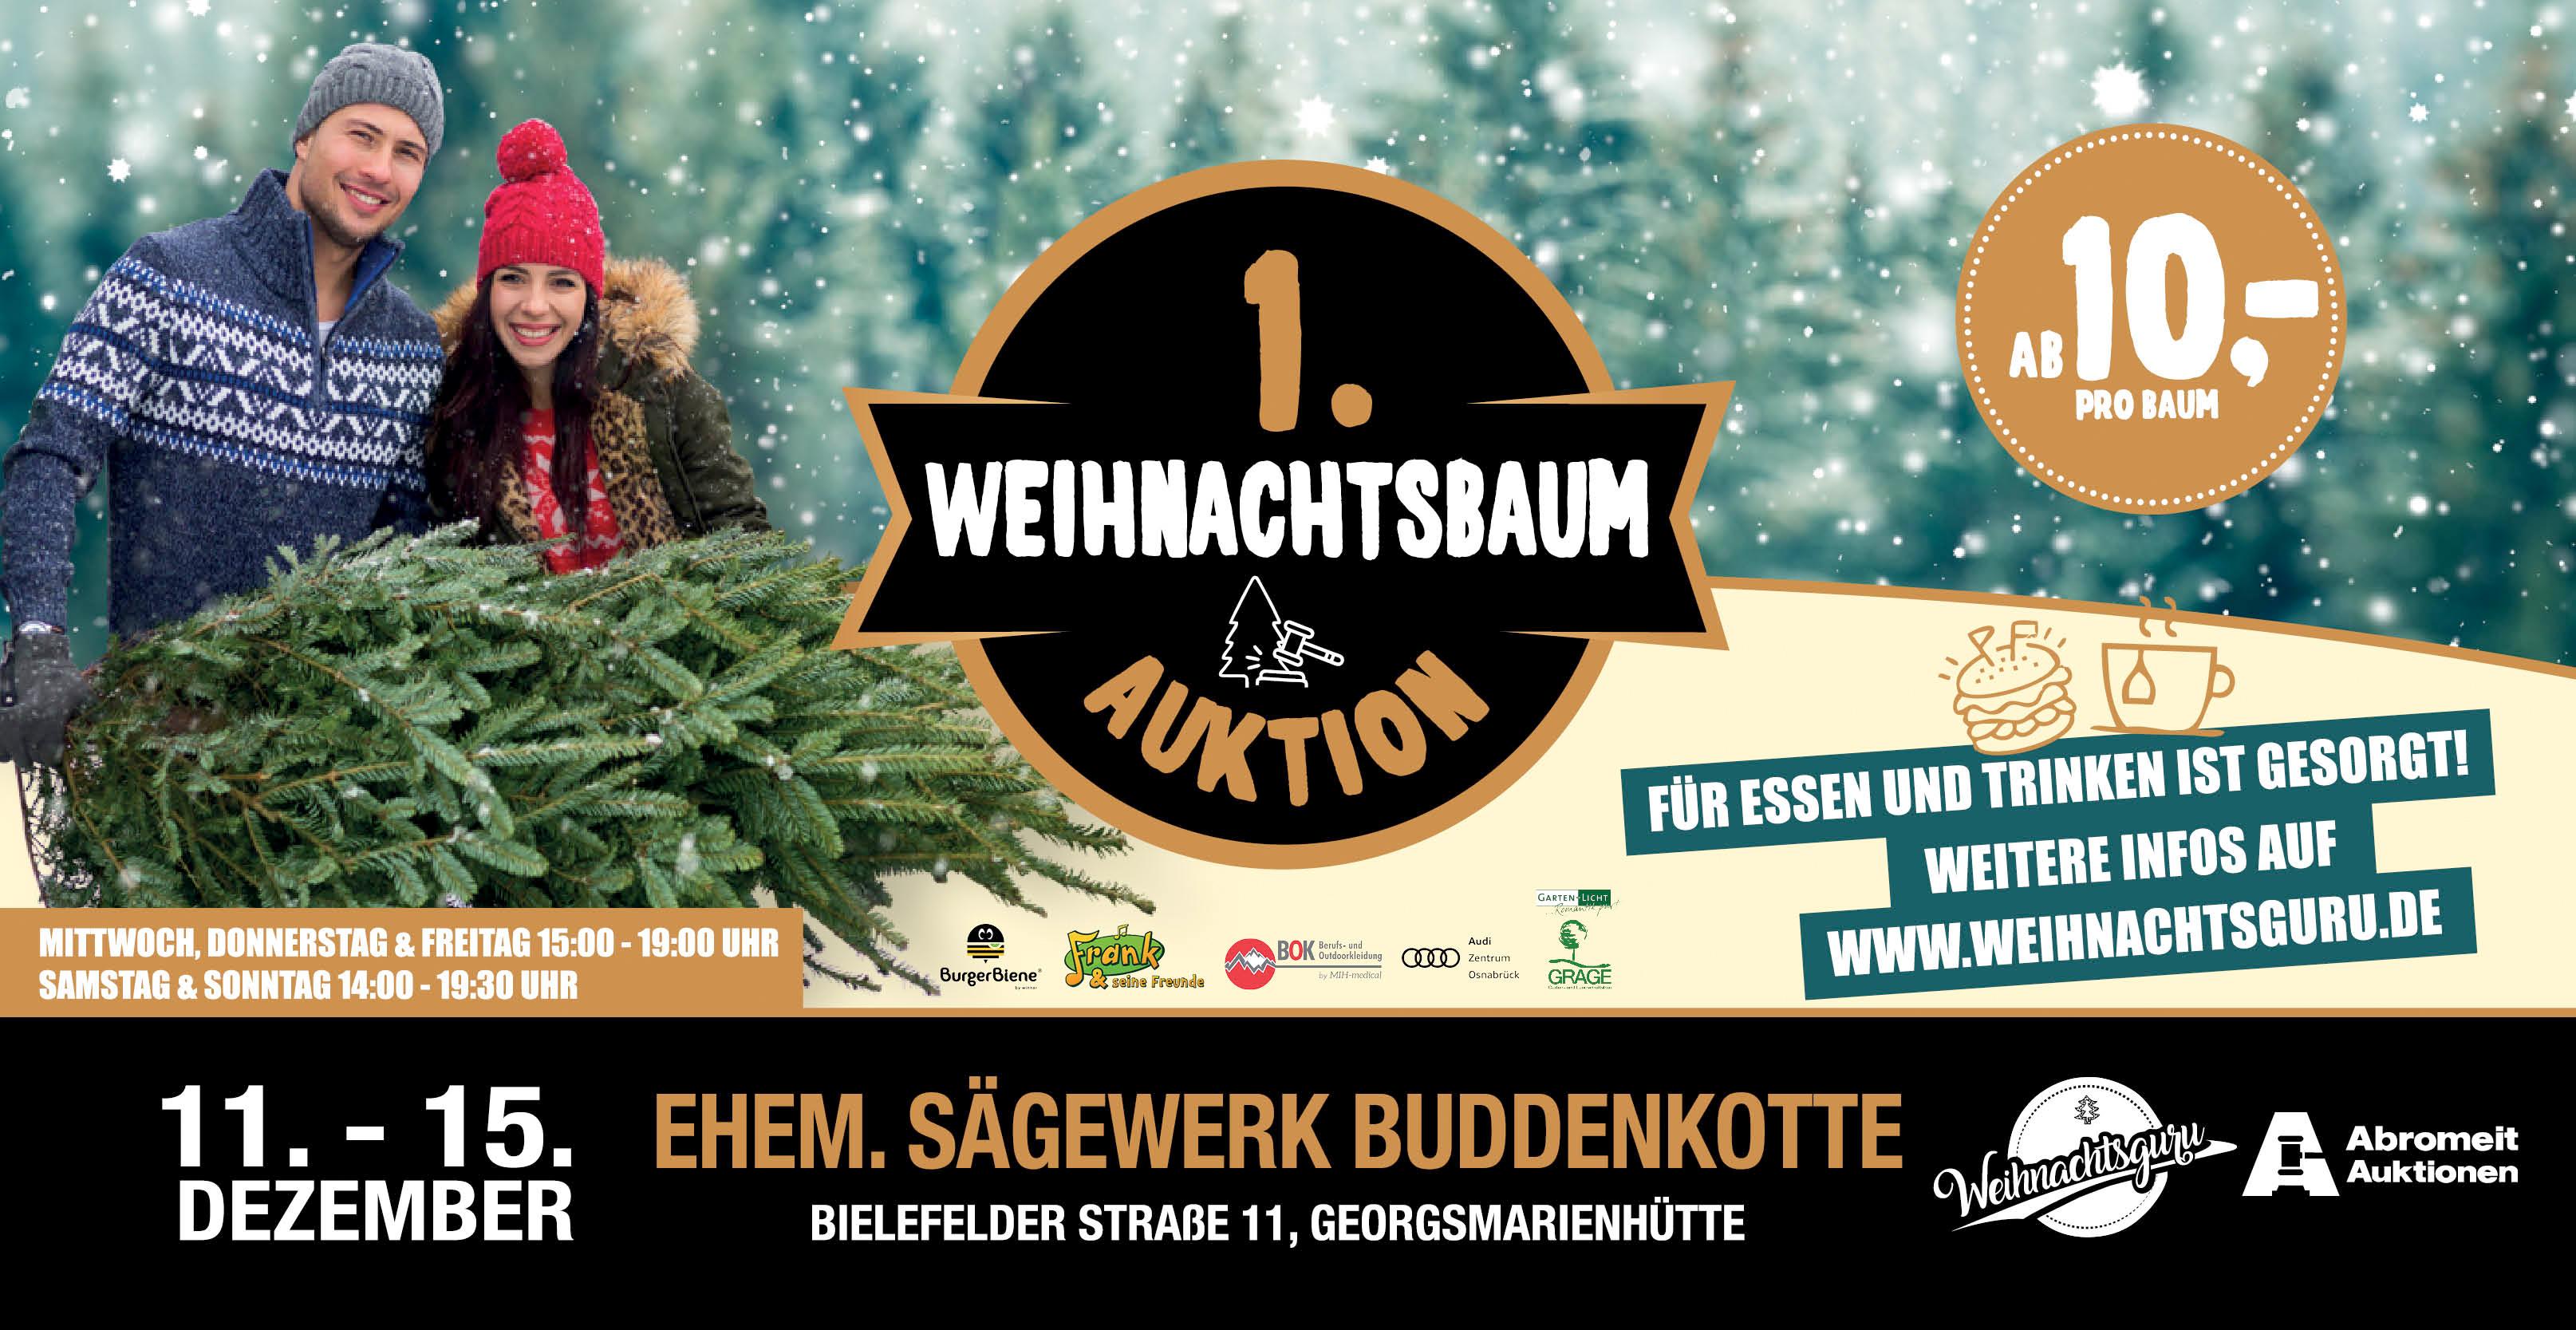 Weihnachtsbaum_AuktionOBPmeSt6JX7KD